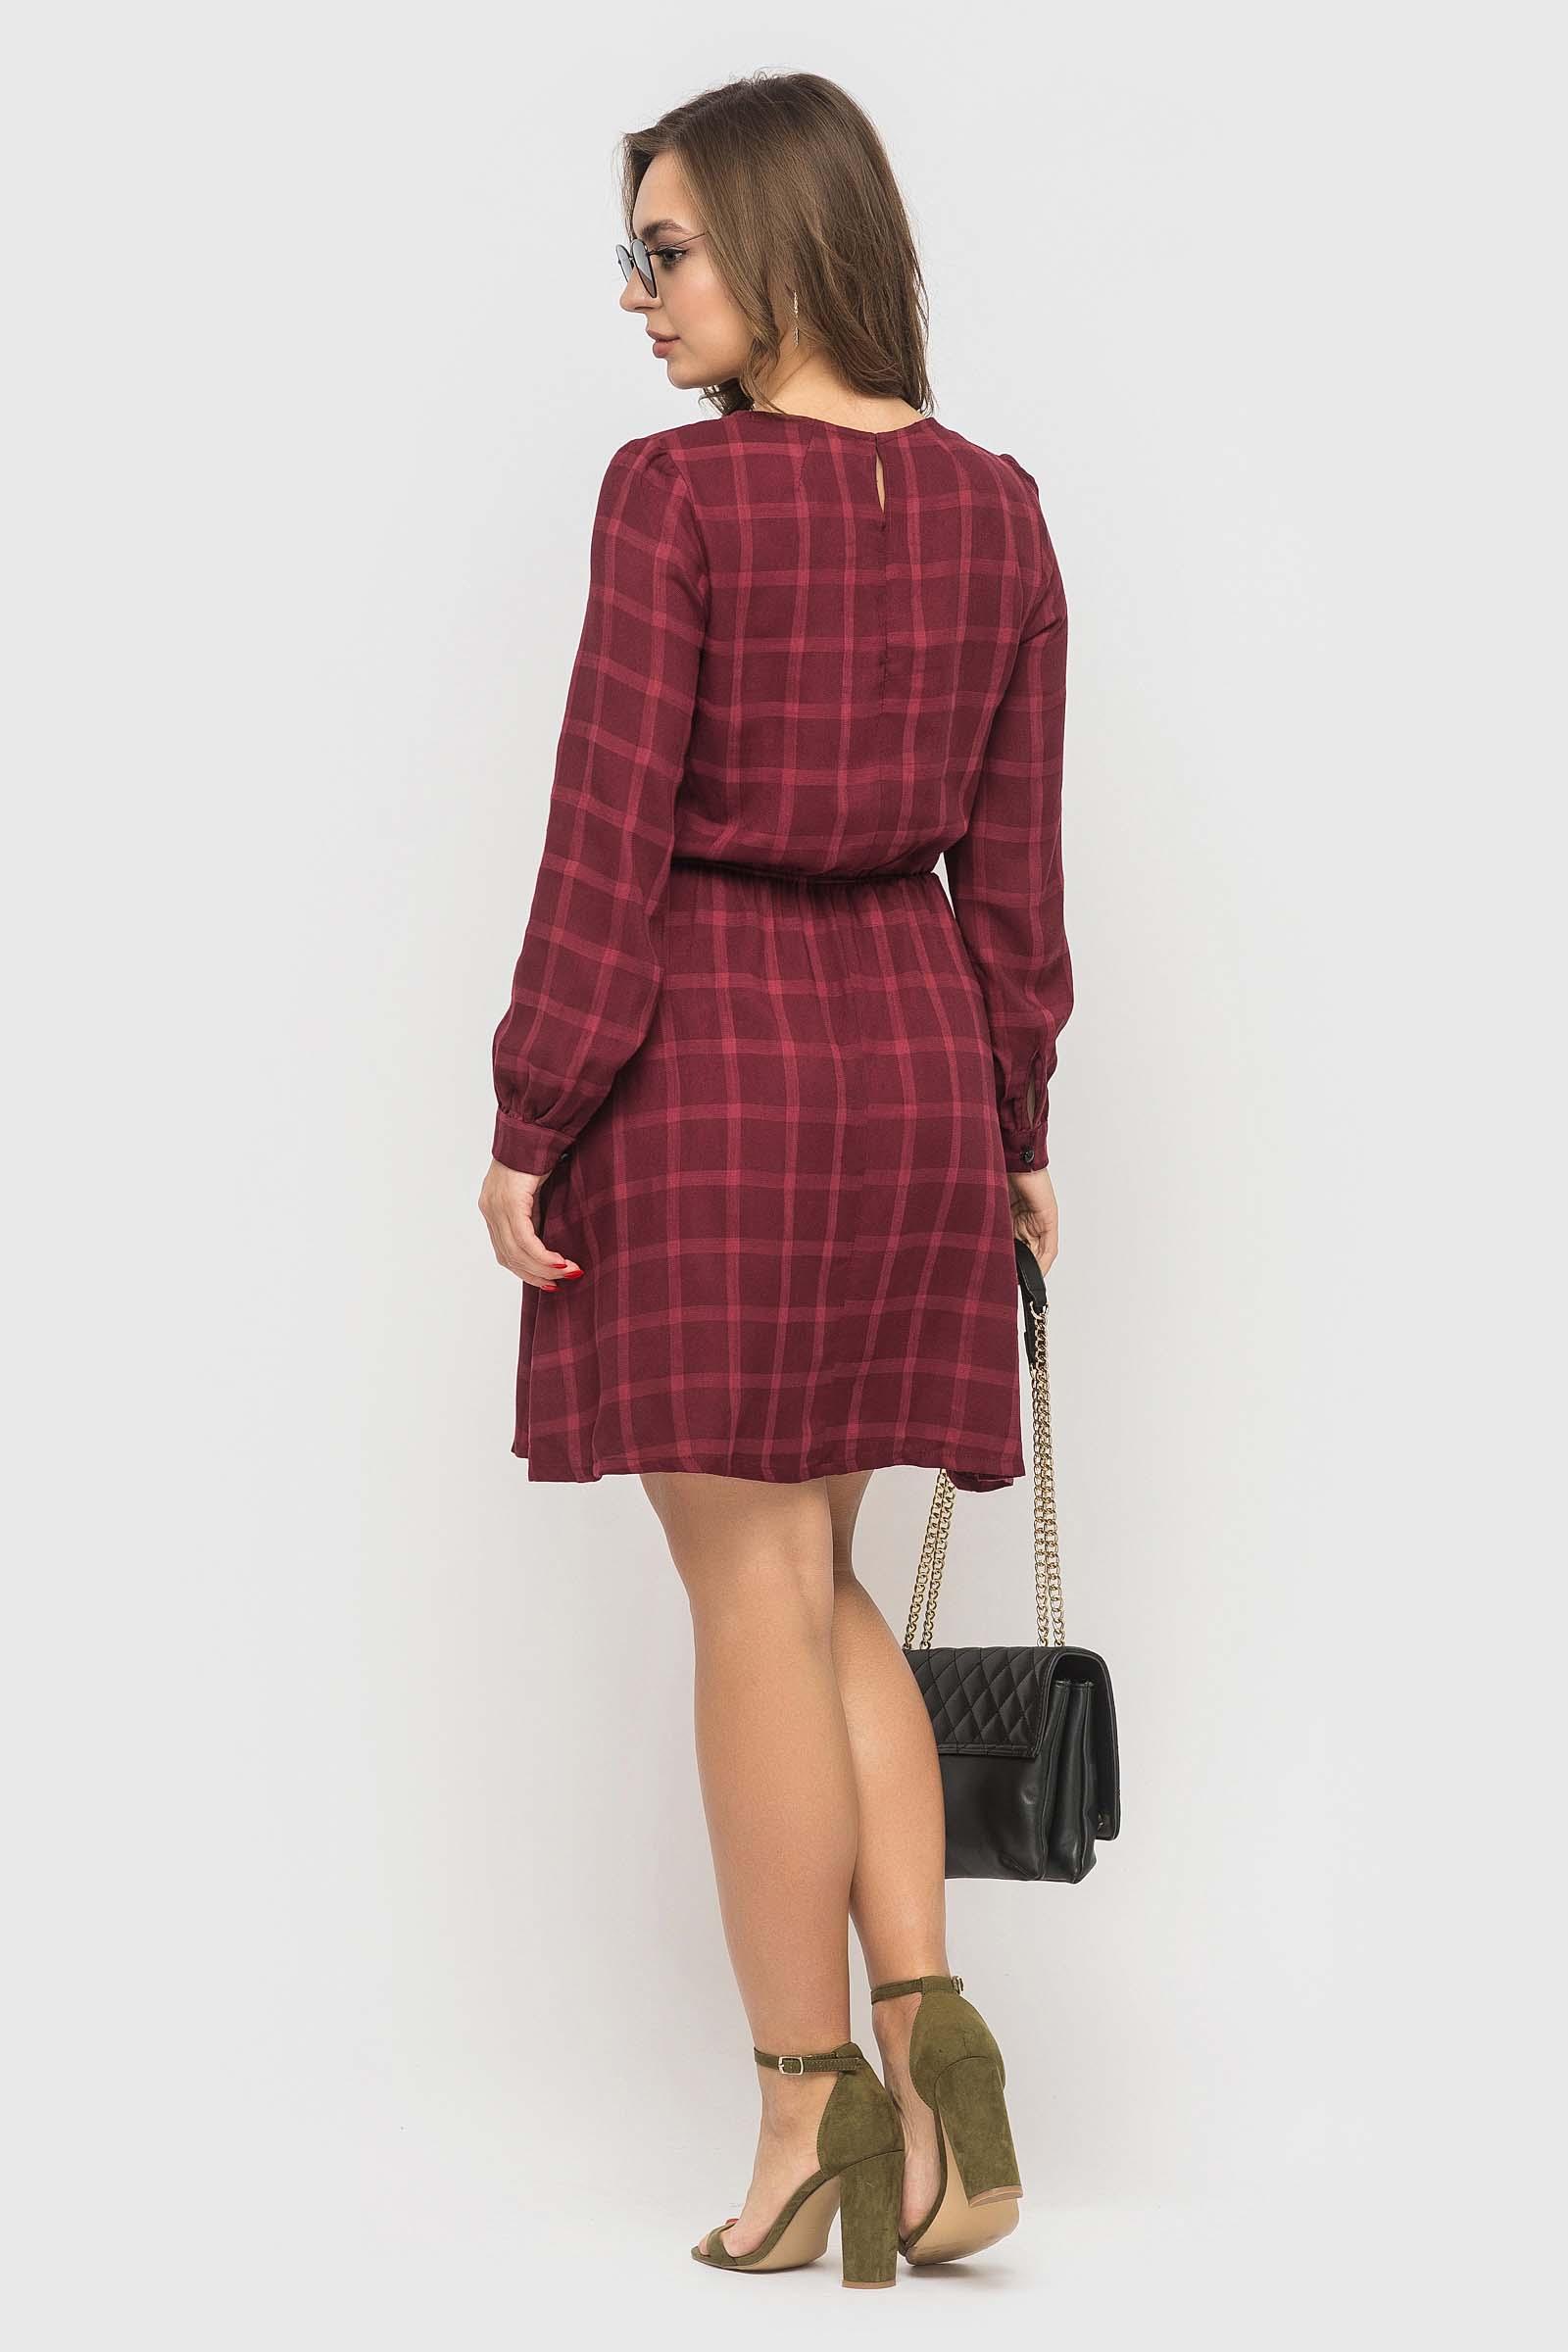 be art 2020 04 07183014 Купить платье